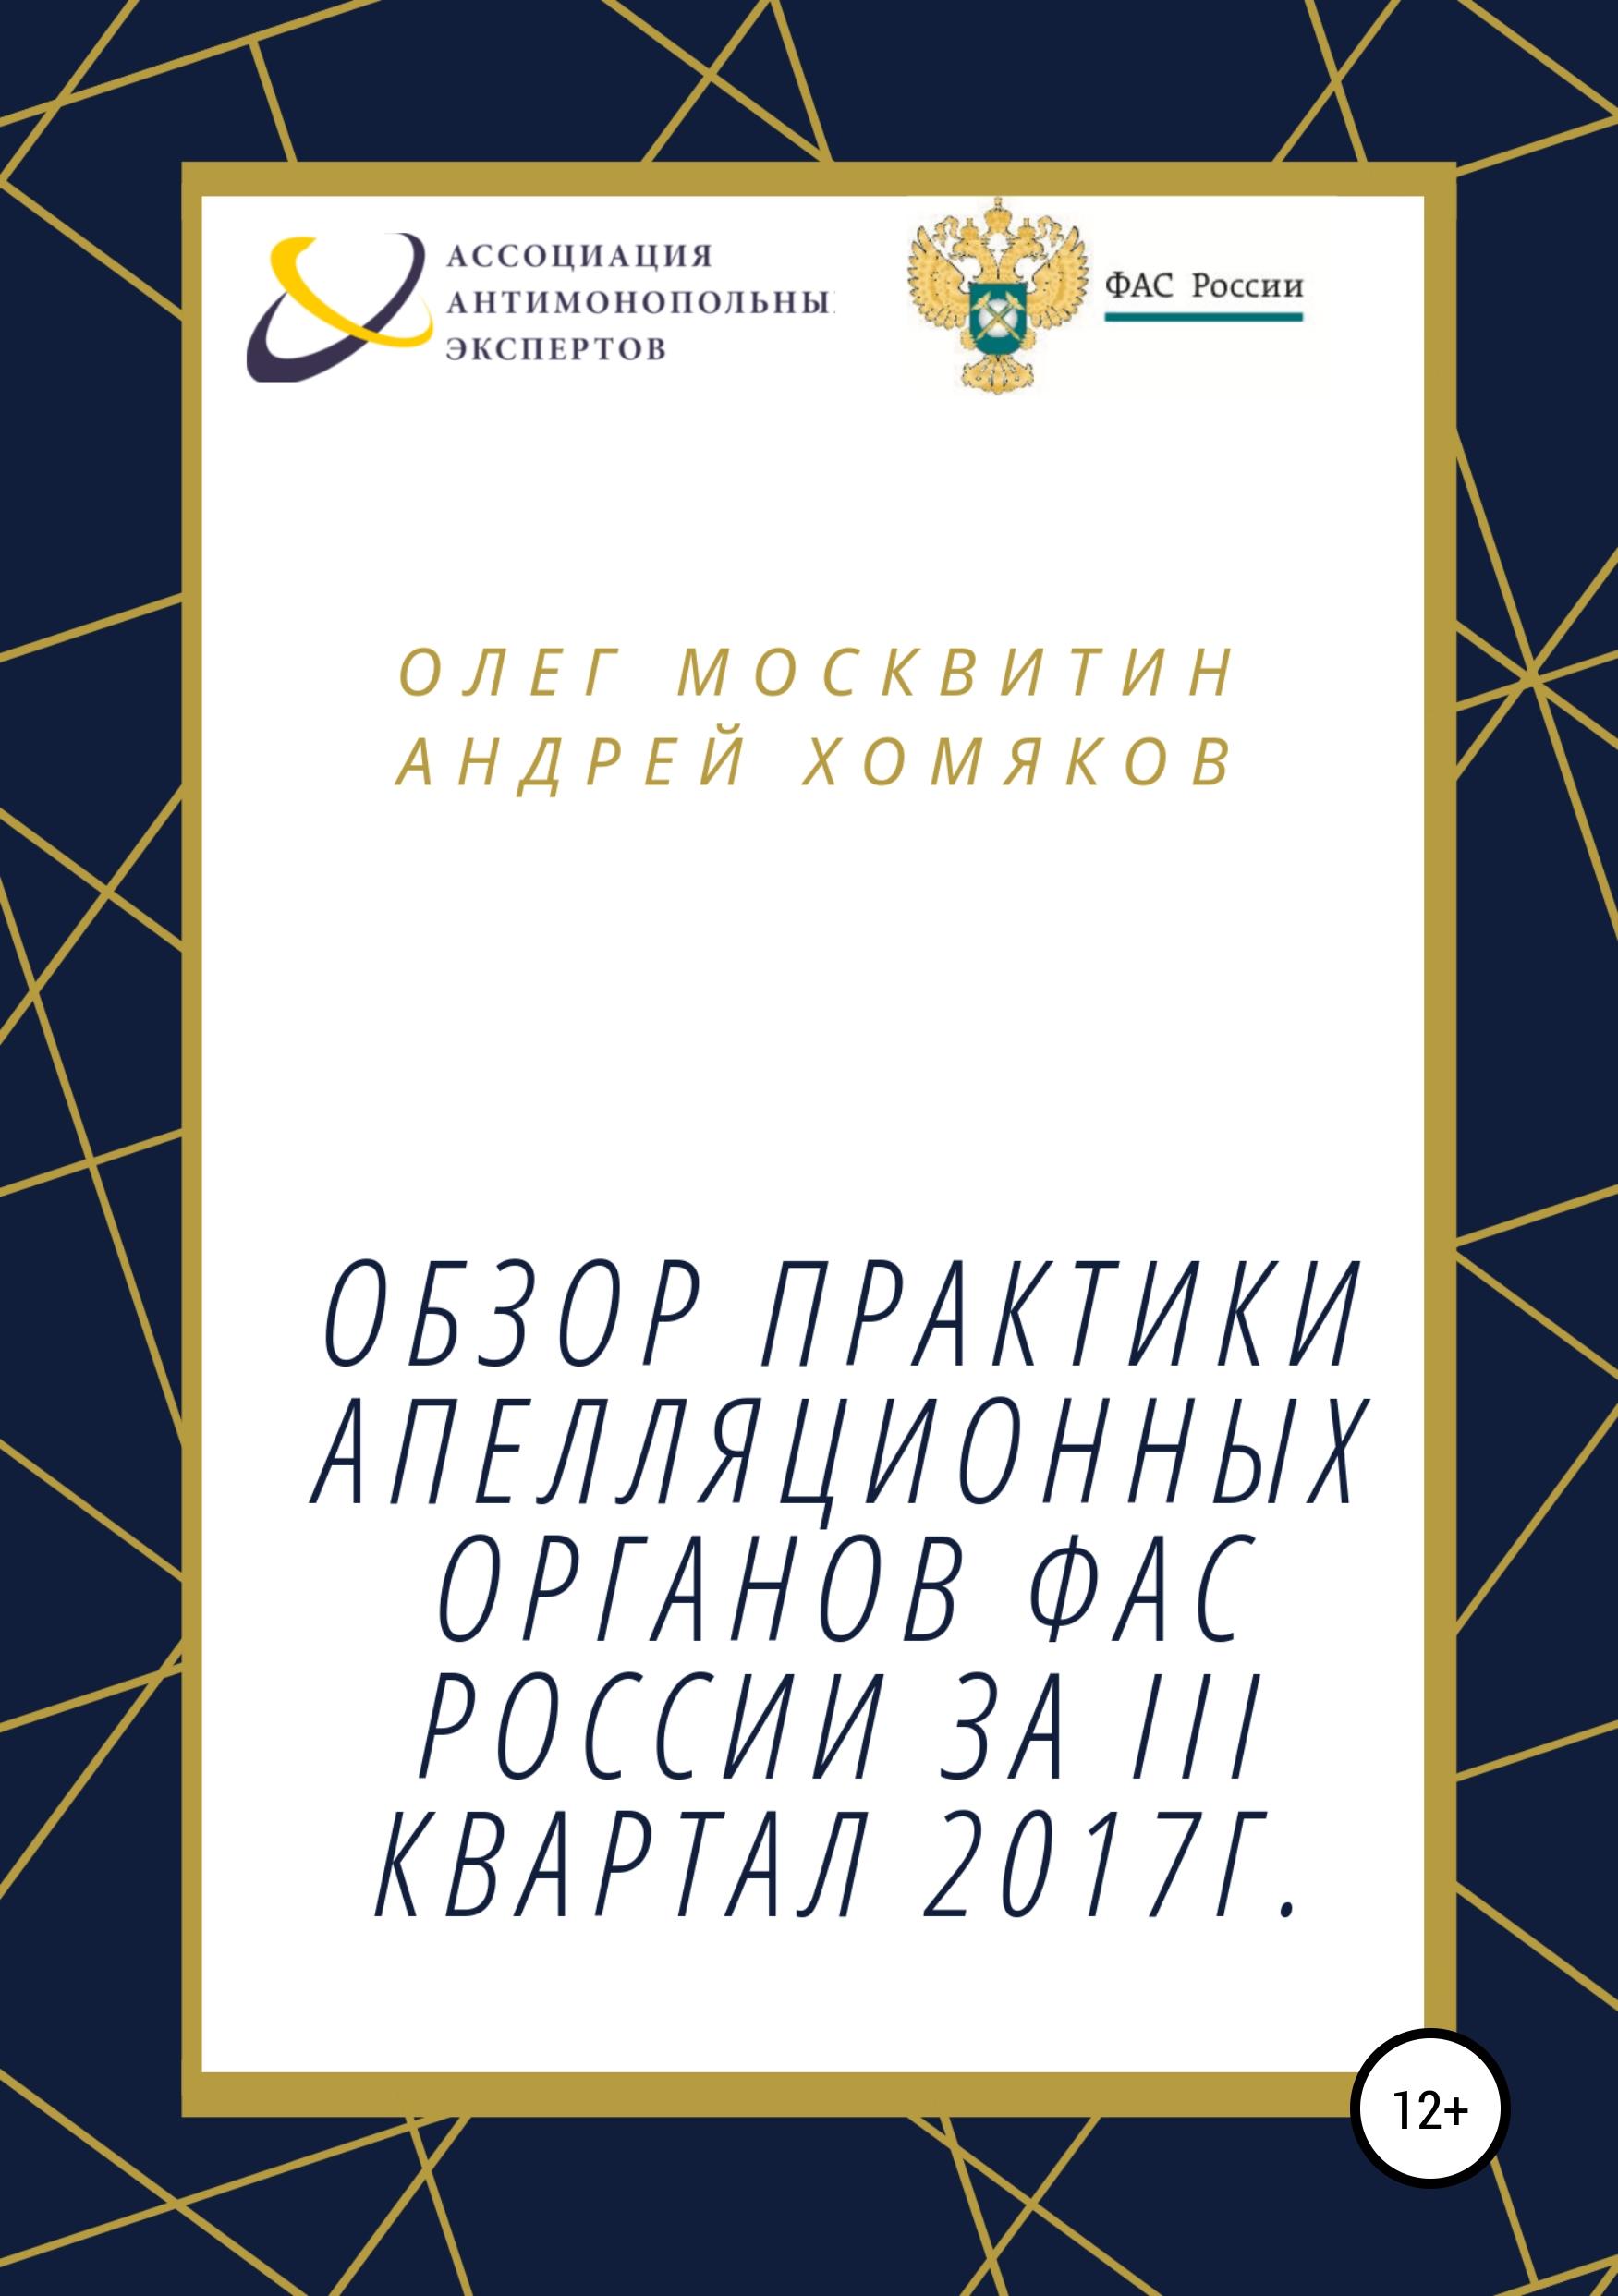 Купить книгу Обзор апелляционной практики ФАС России за III квартал 2017 г., автора Андрея Николаевича Хомякова